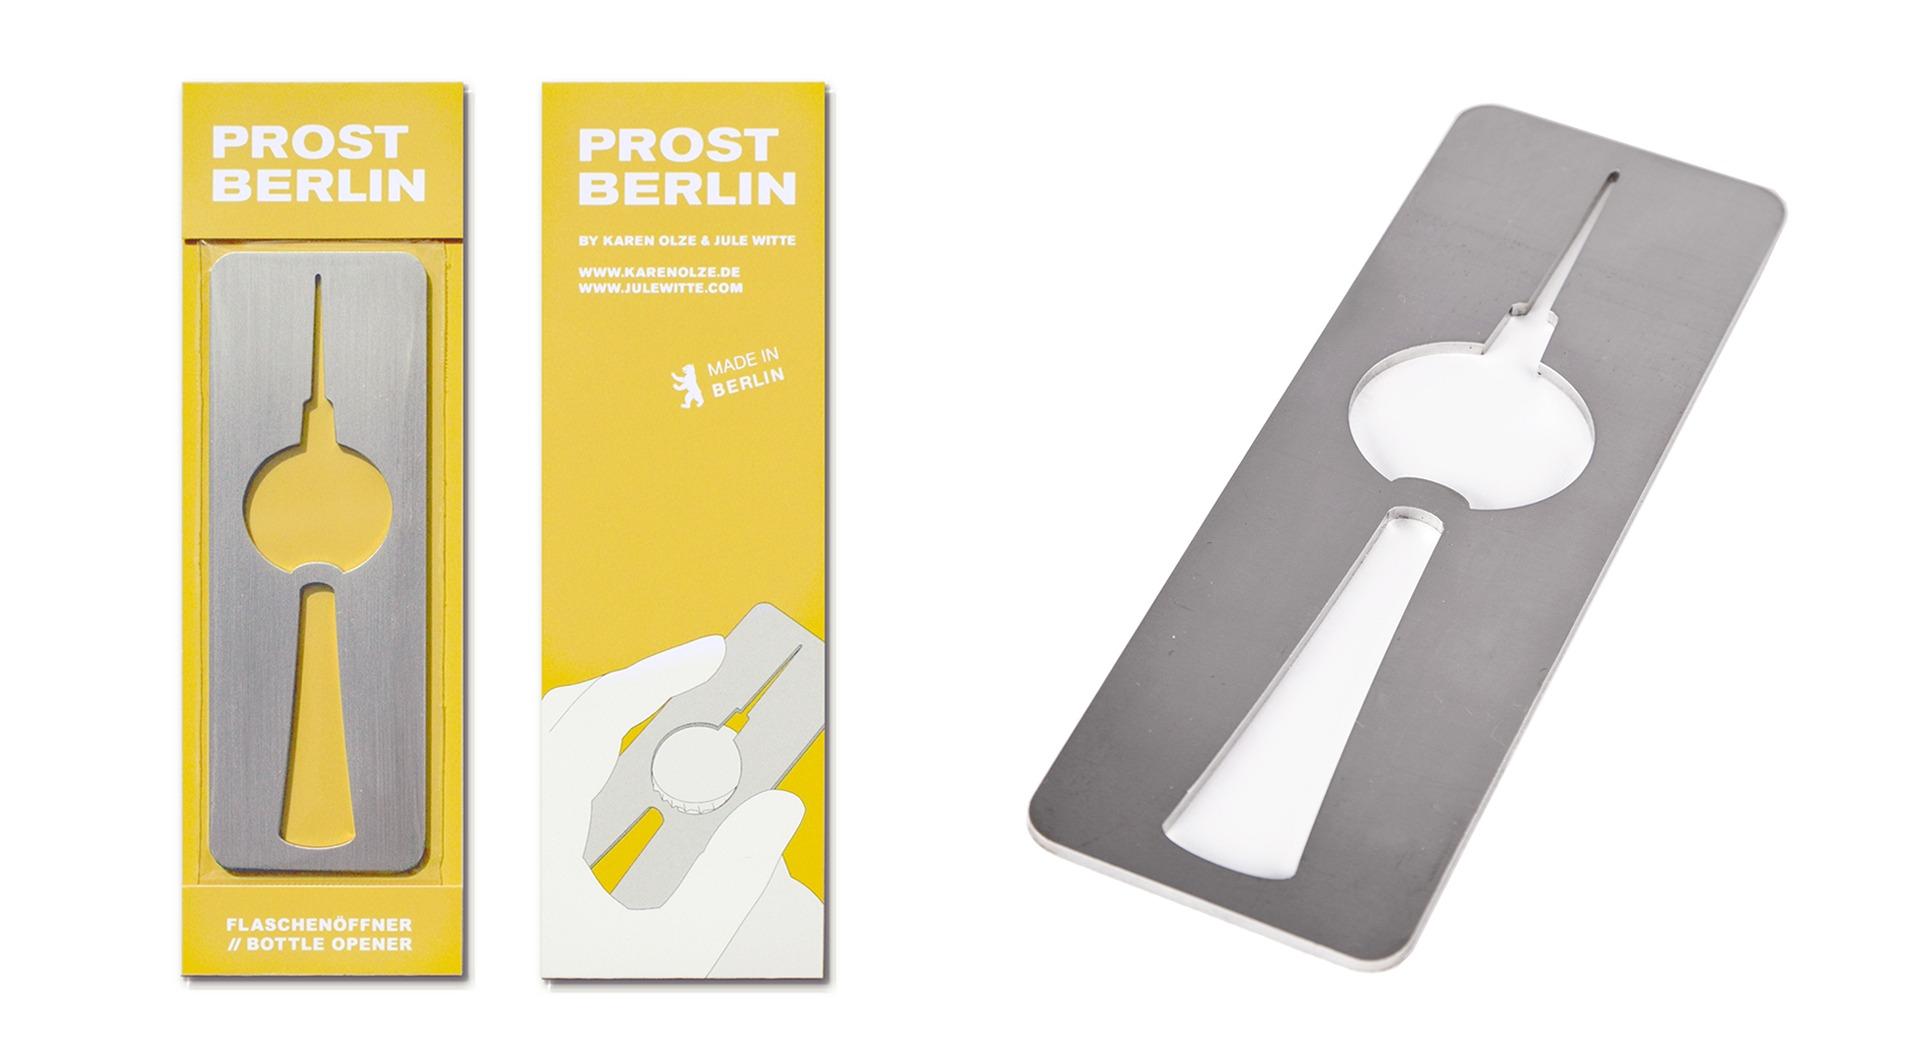 Prost Berlin_3